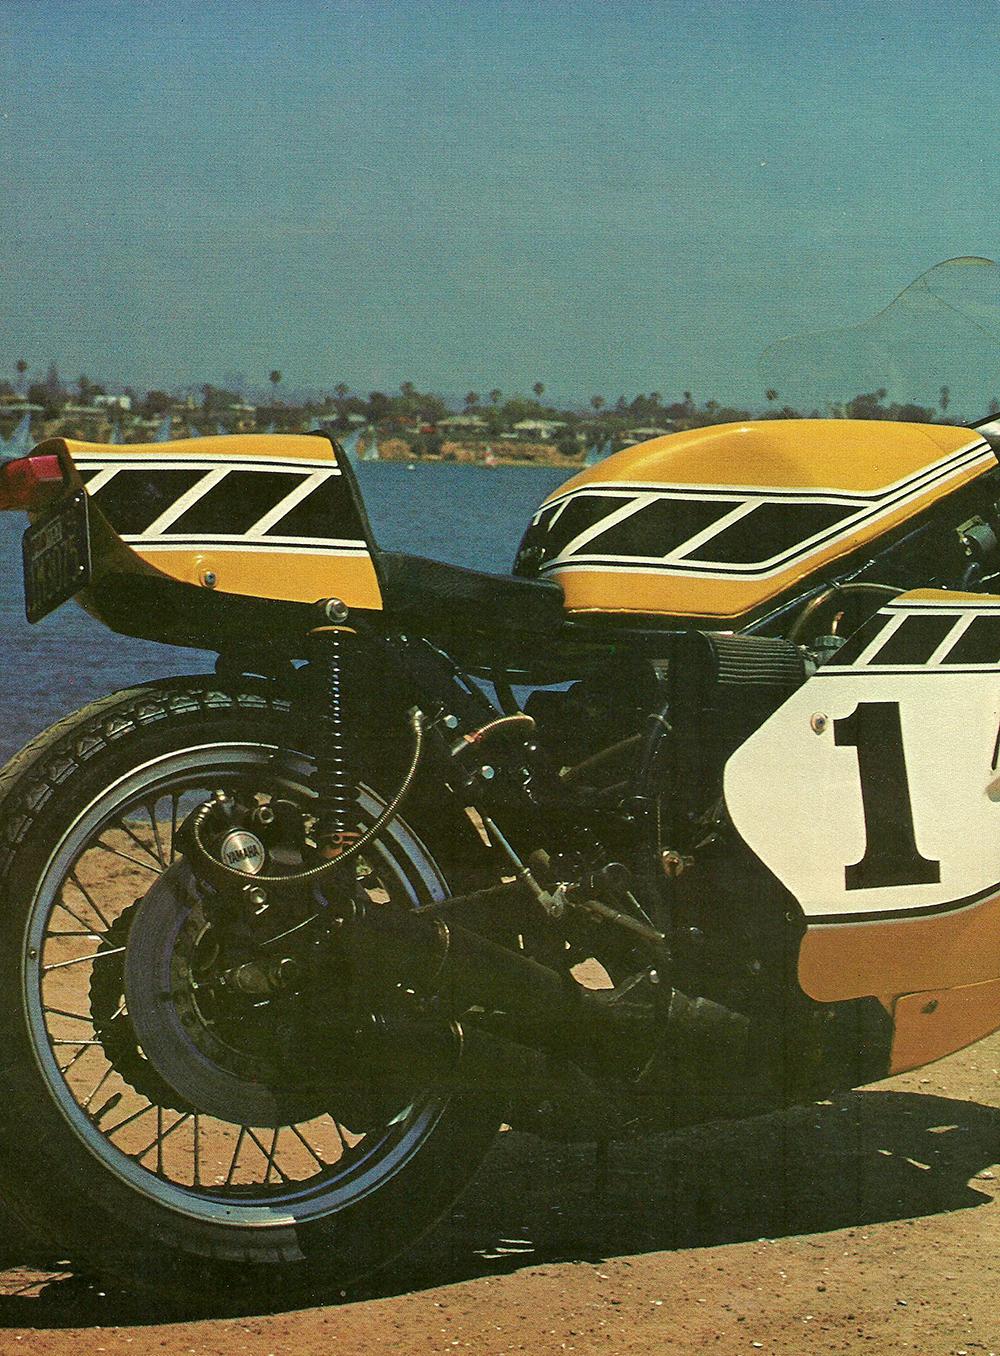 1978 Yamaha TZ750 Bumblebee Special test 01.jpg